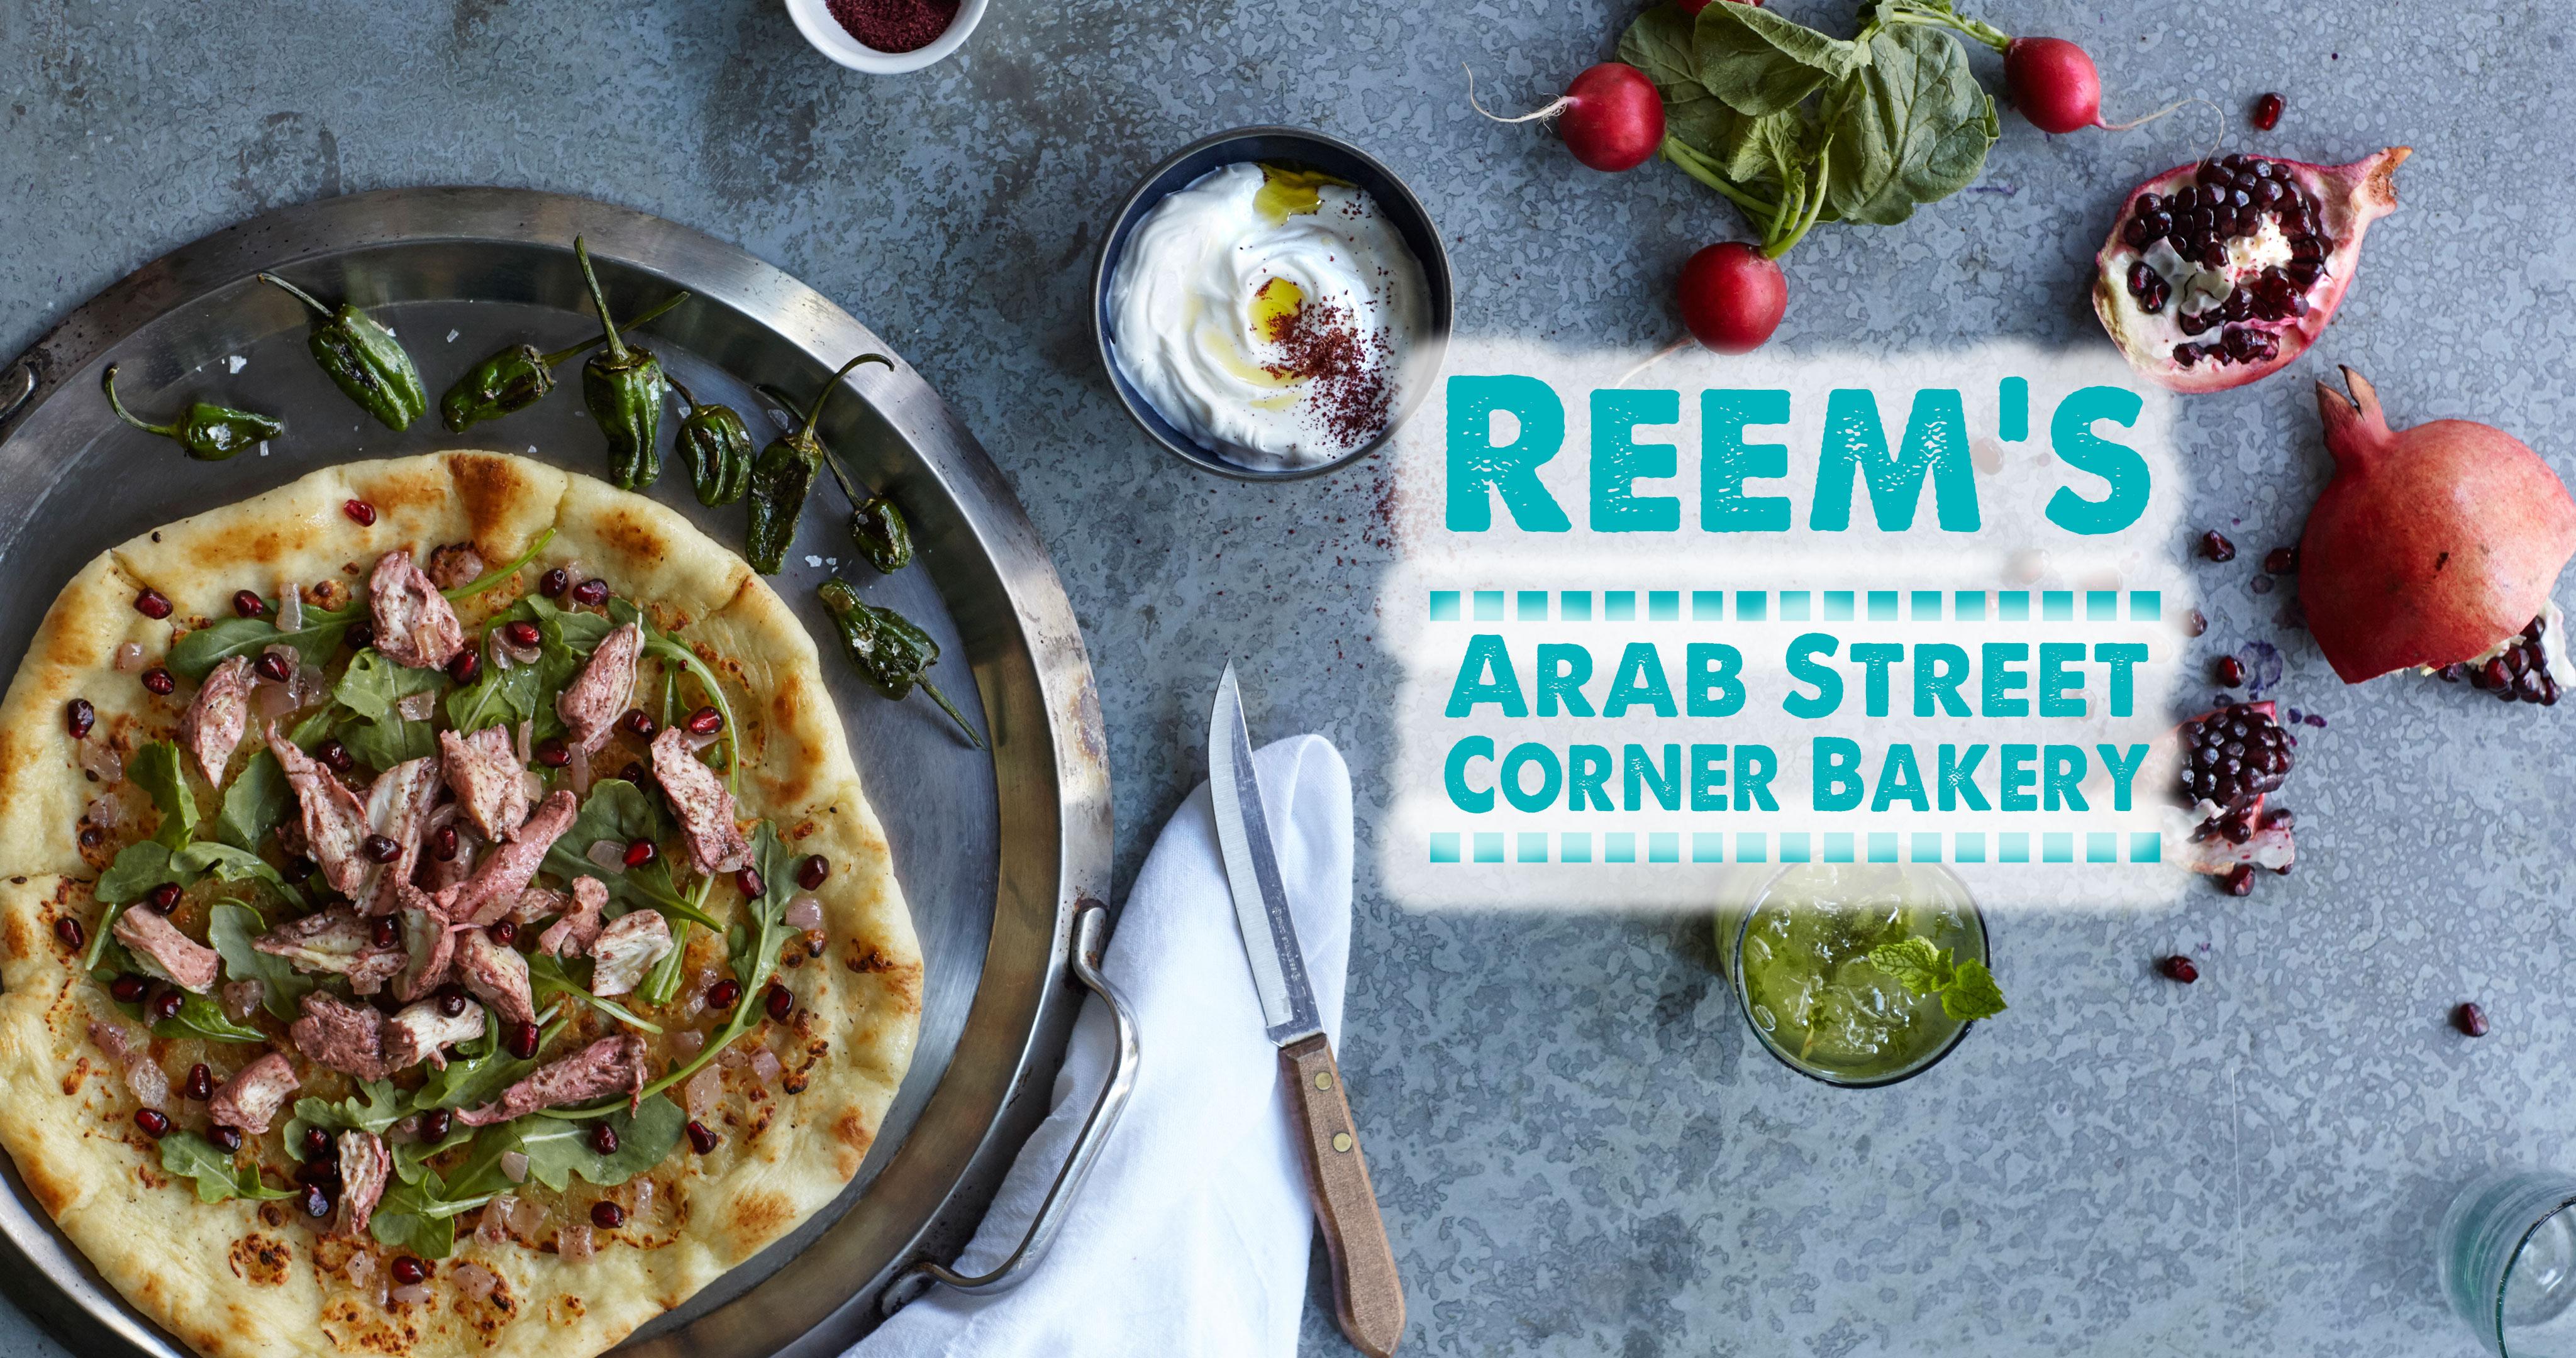 Reem's Bakery